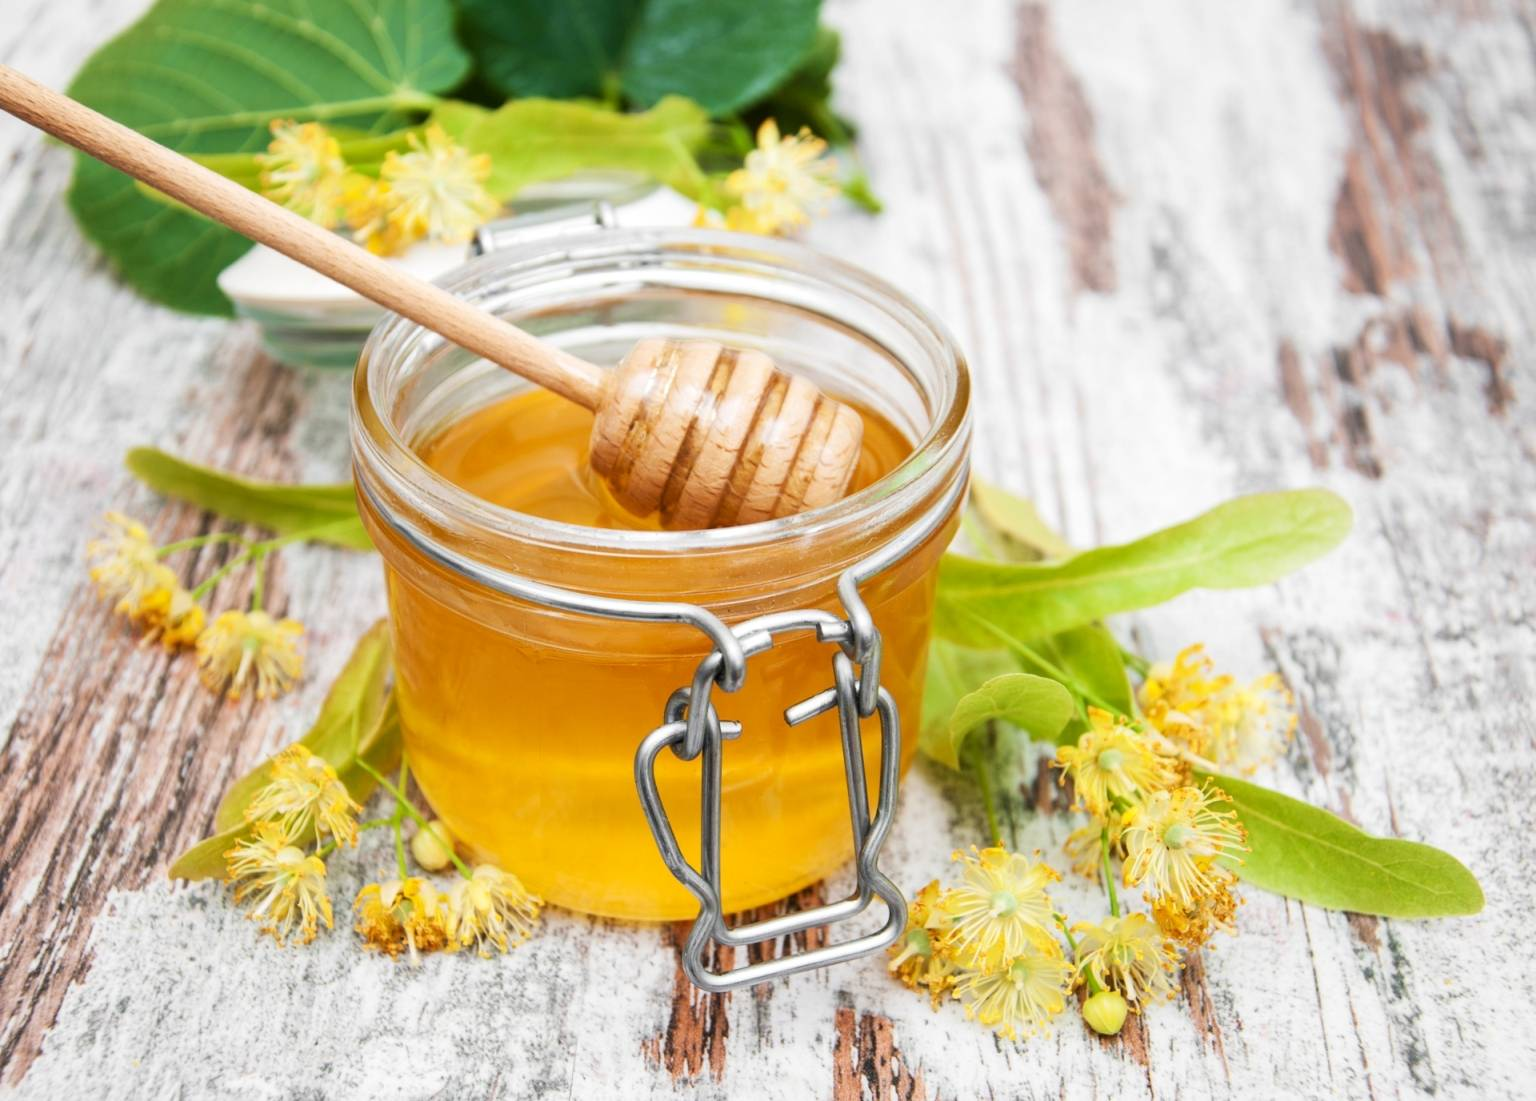 Lipa z miodem. Miód w słoiku na rustykalnym blacie, obok leży gałązka z kwiatami lipy.